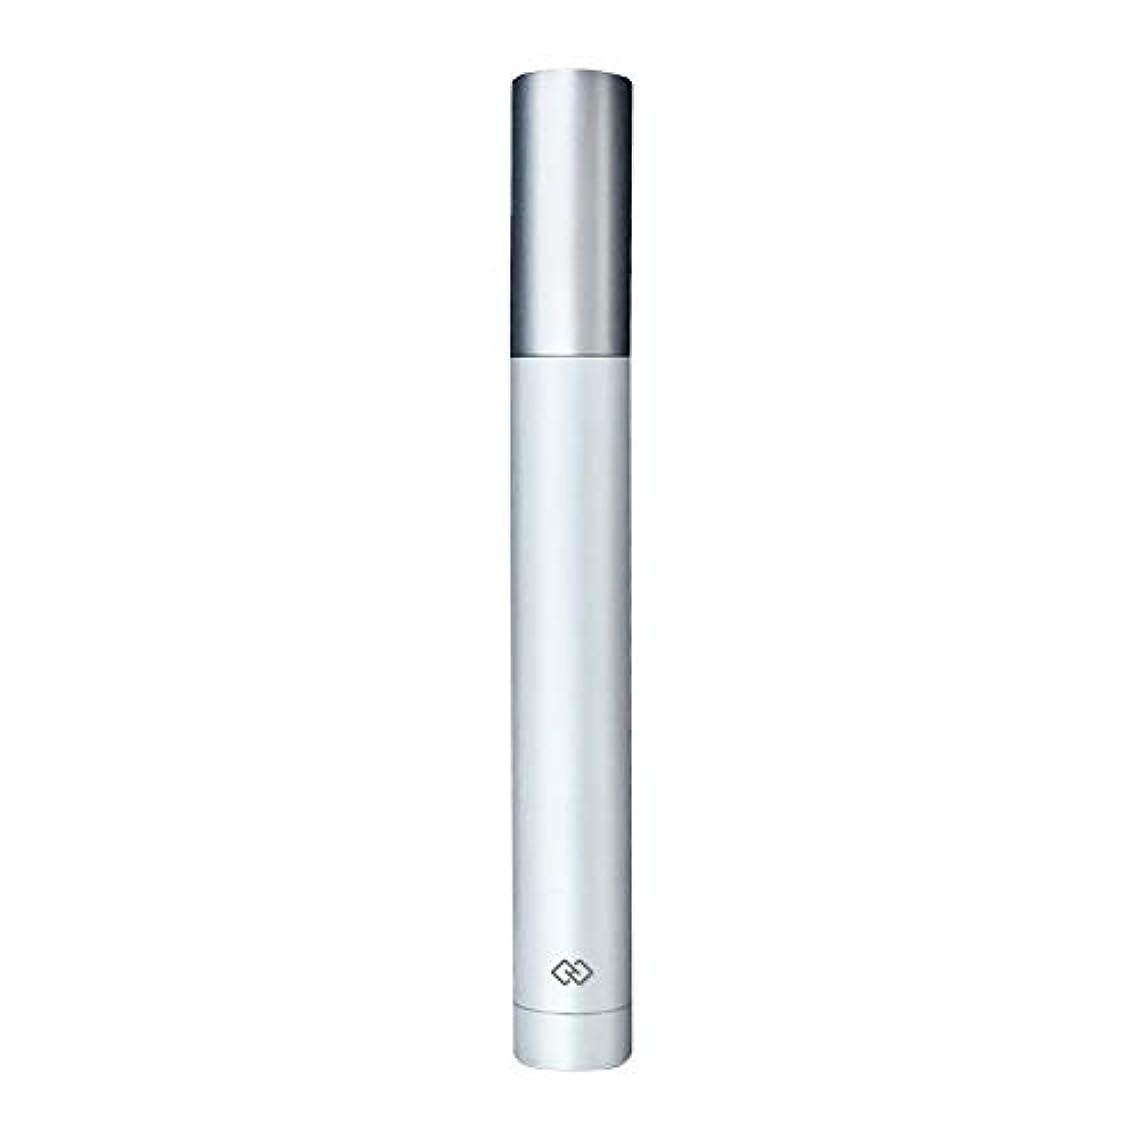 うなずくより多い波紋鼻毛トリマー-密閉防水効果/シングルカッターヘッドシャープで耐久性のある/男性用剃毛鼻毛はさみ/ポータブルデザイン、旅行に便利/ 12.9 * 1.65cm 持つ価値があります (Color : White)